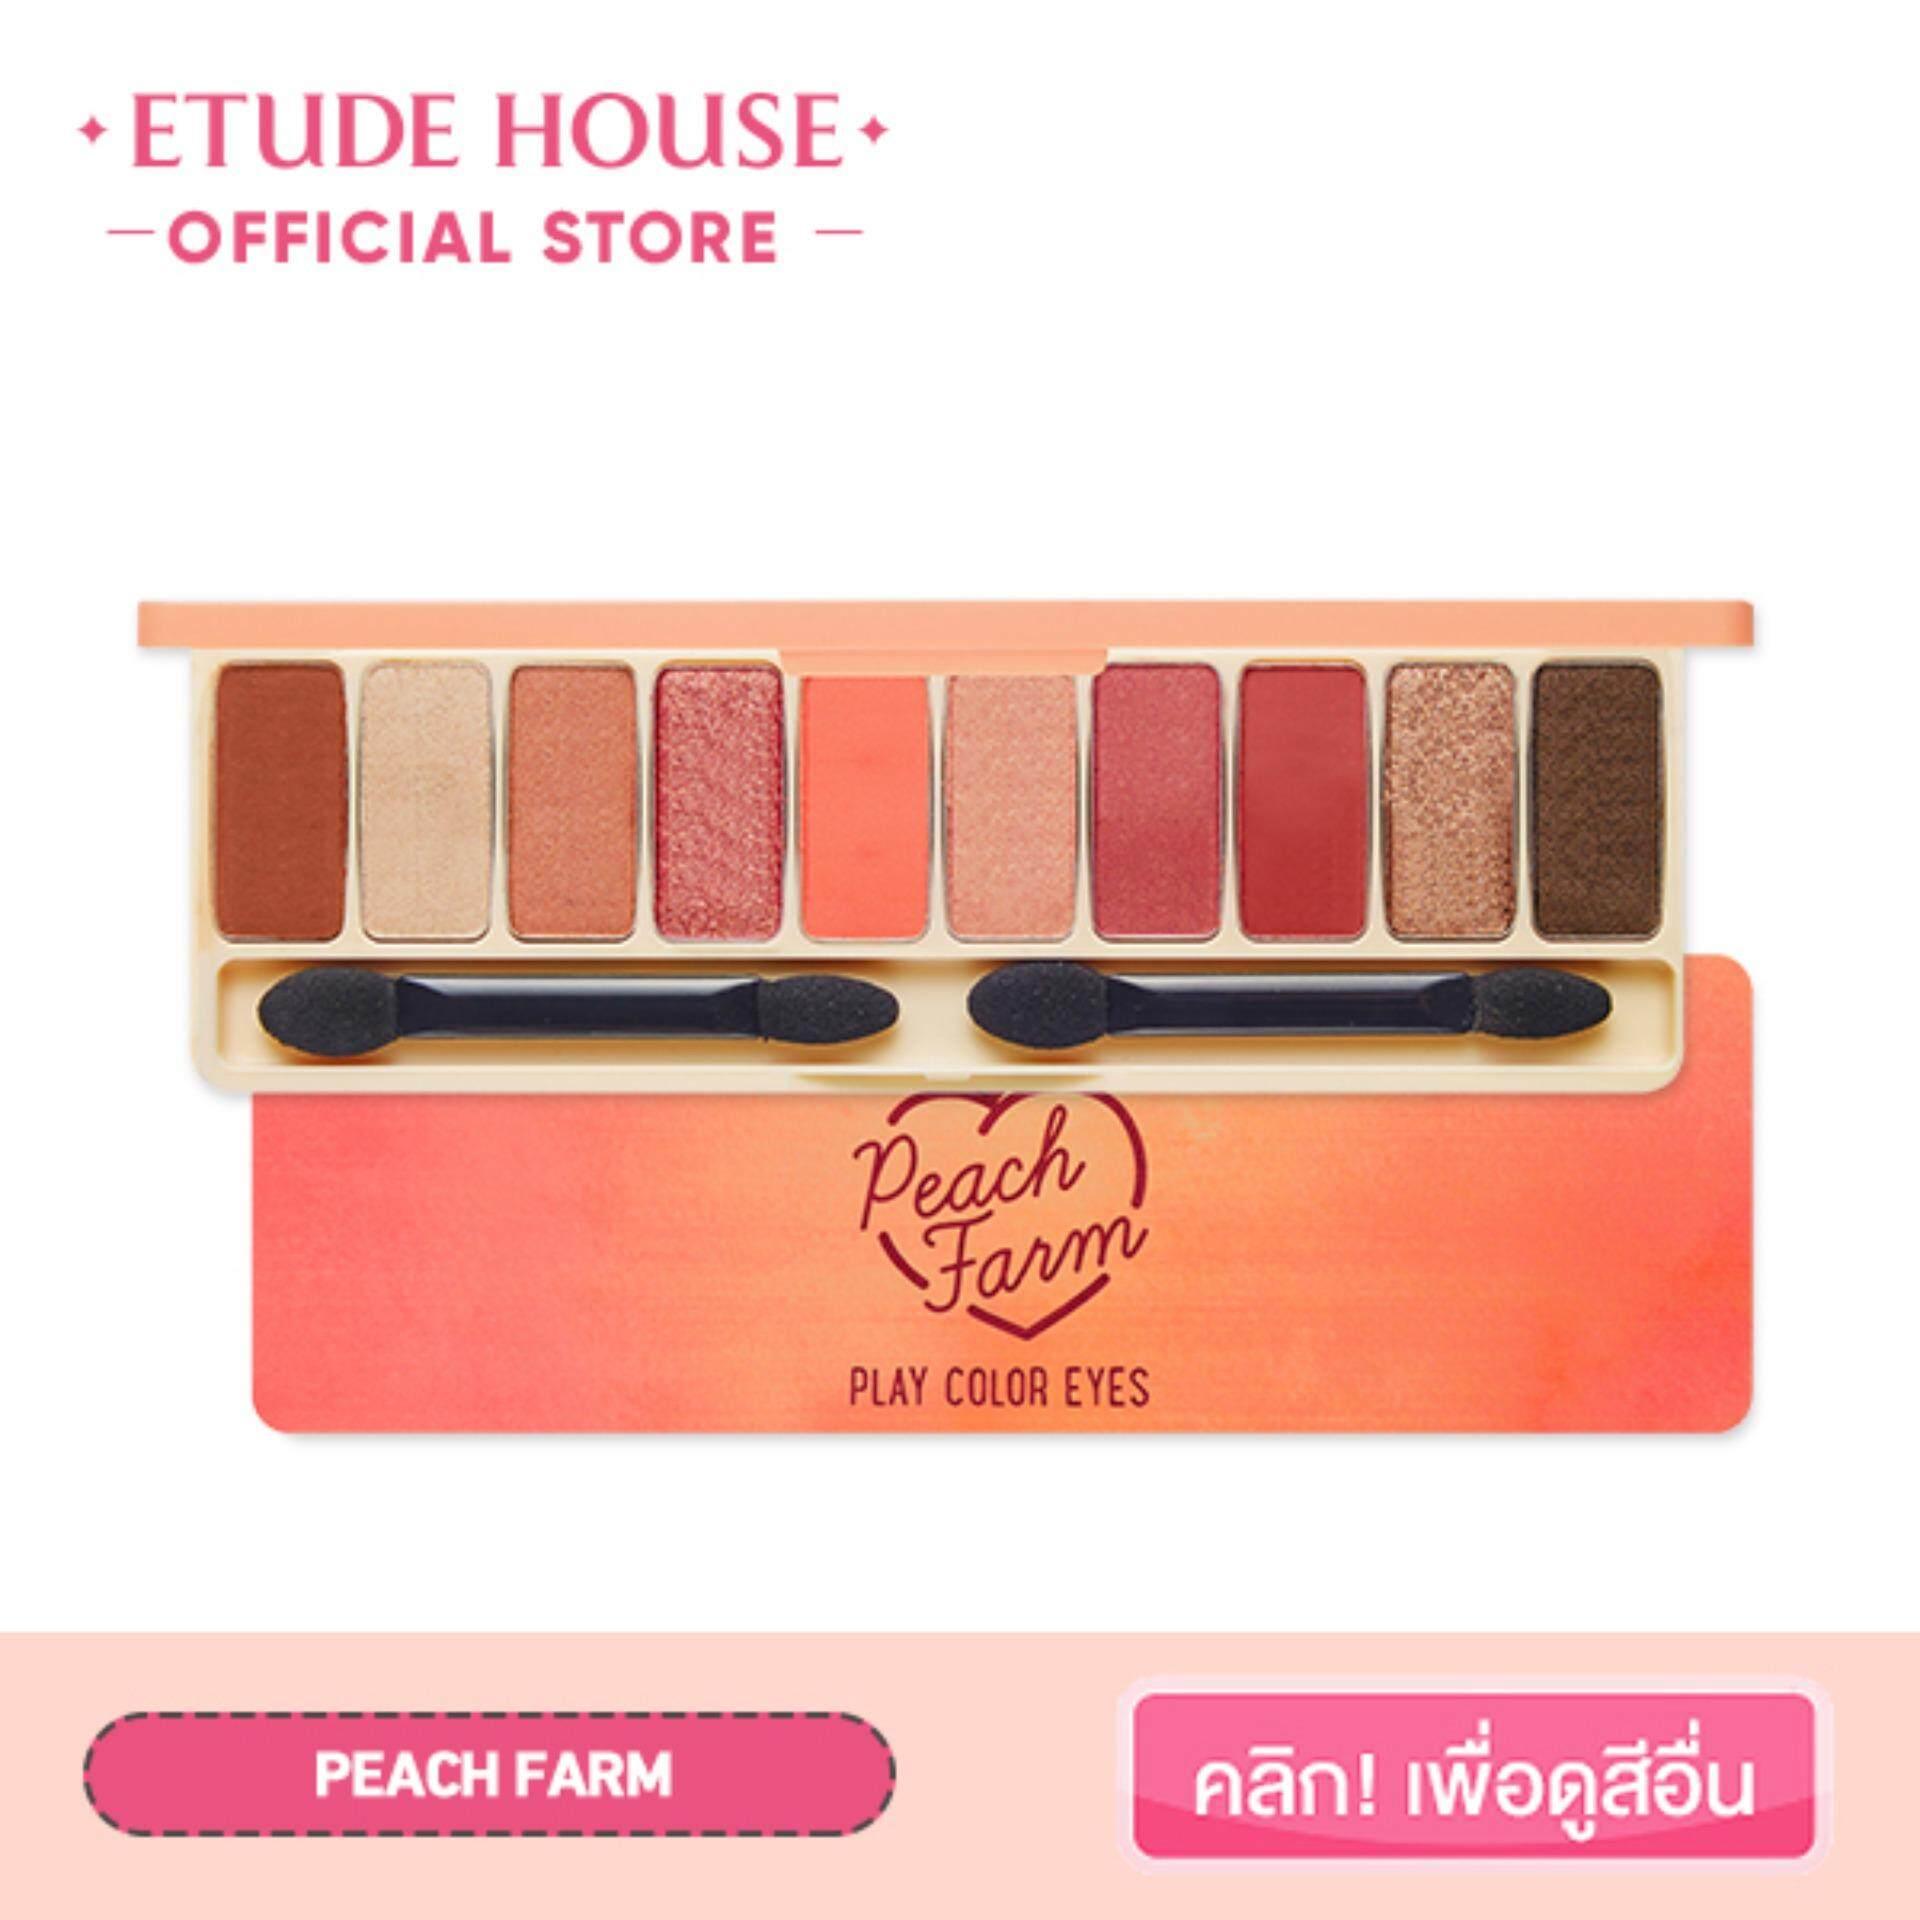 ETUDE HOUSE Play Color Eyes #Peach Farm (1 g x 10 colors)